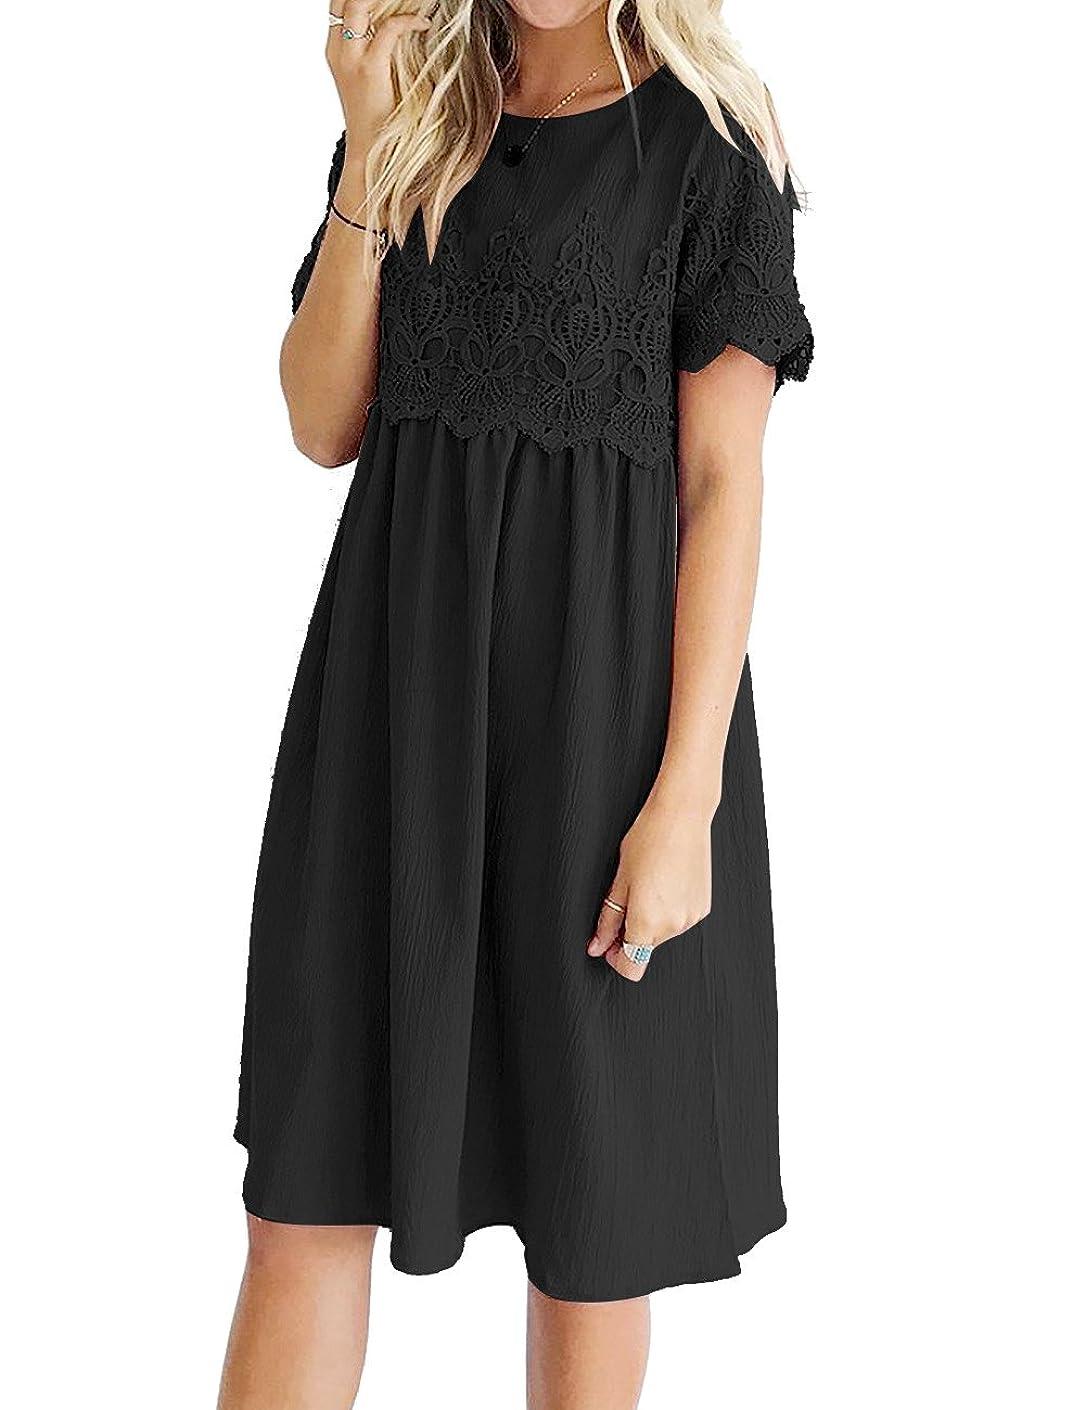 Lookbook Store Women Lace Crochet Back Keyhole A Line Short Casual Babydoll Dress